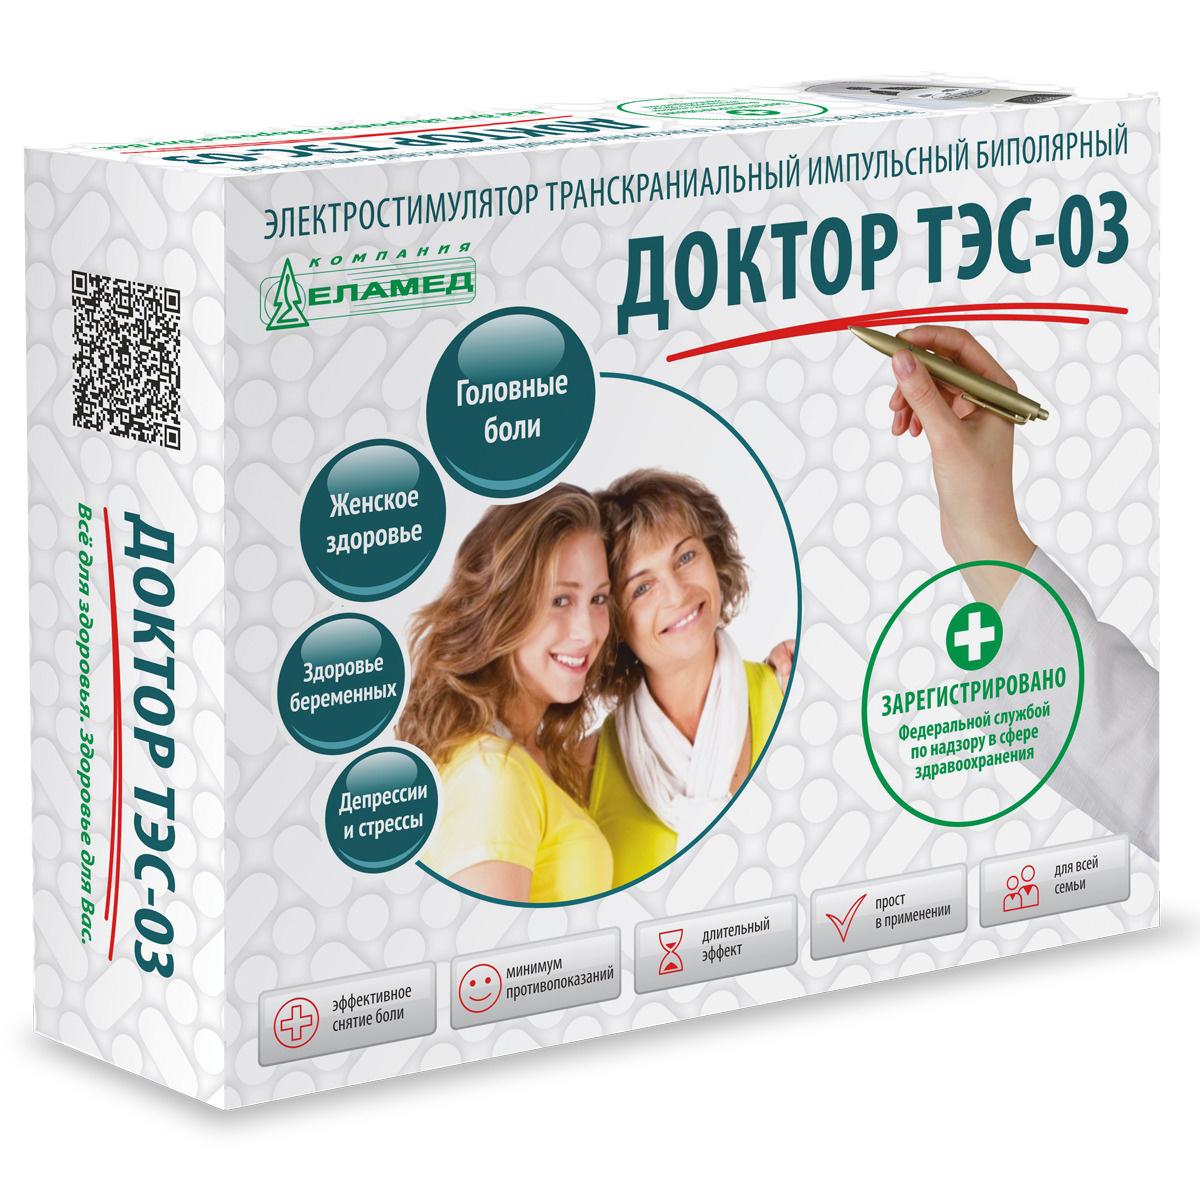 ДОКТОР ТЭС-03 #1